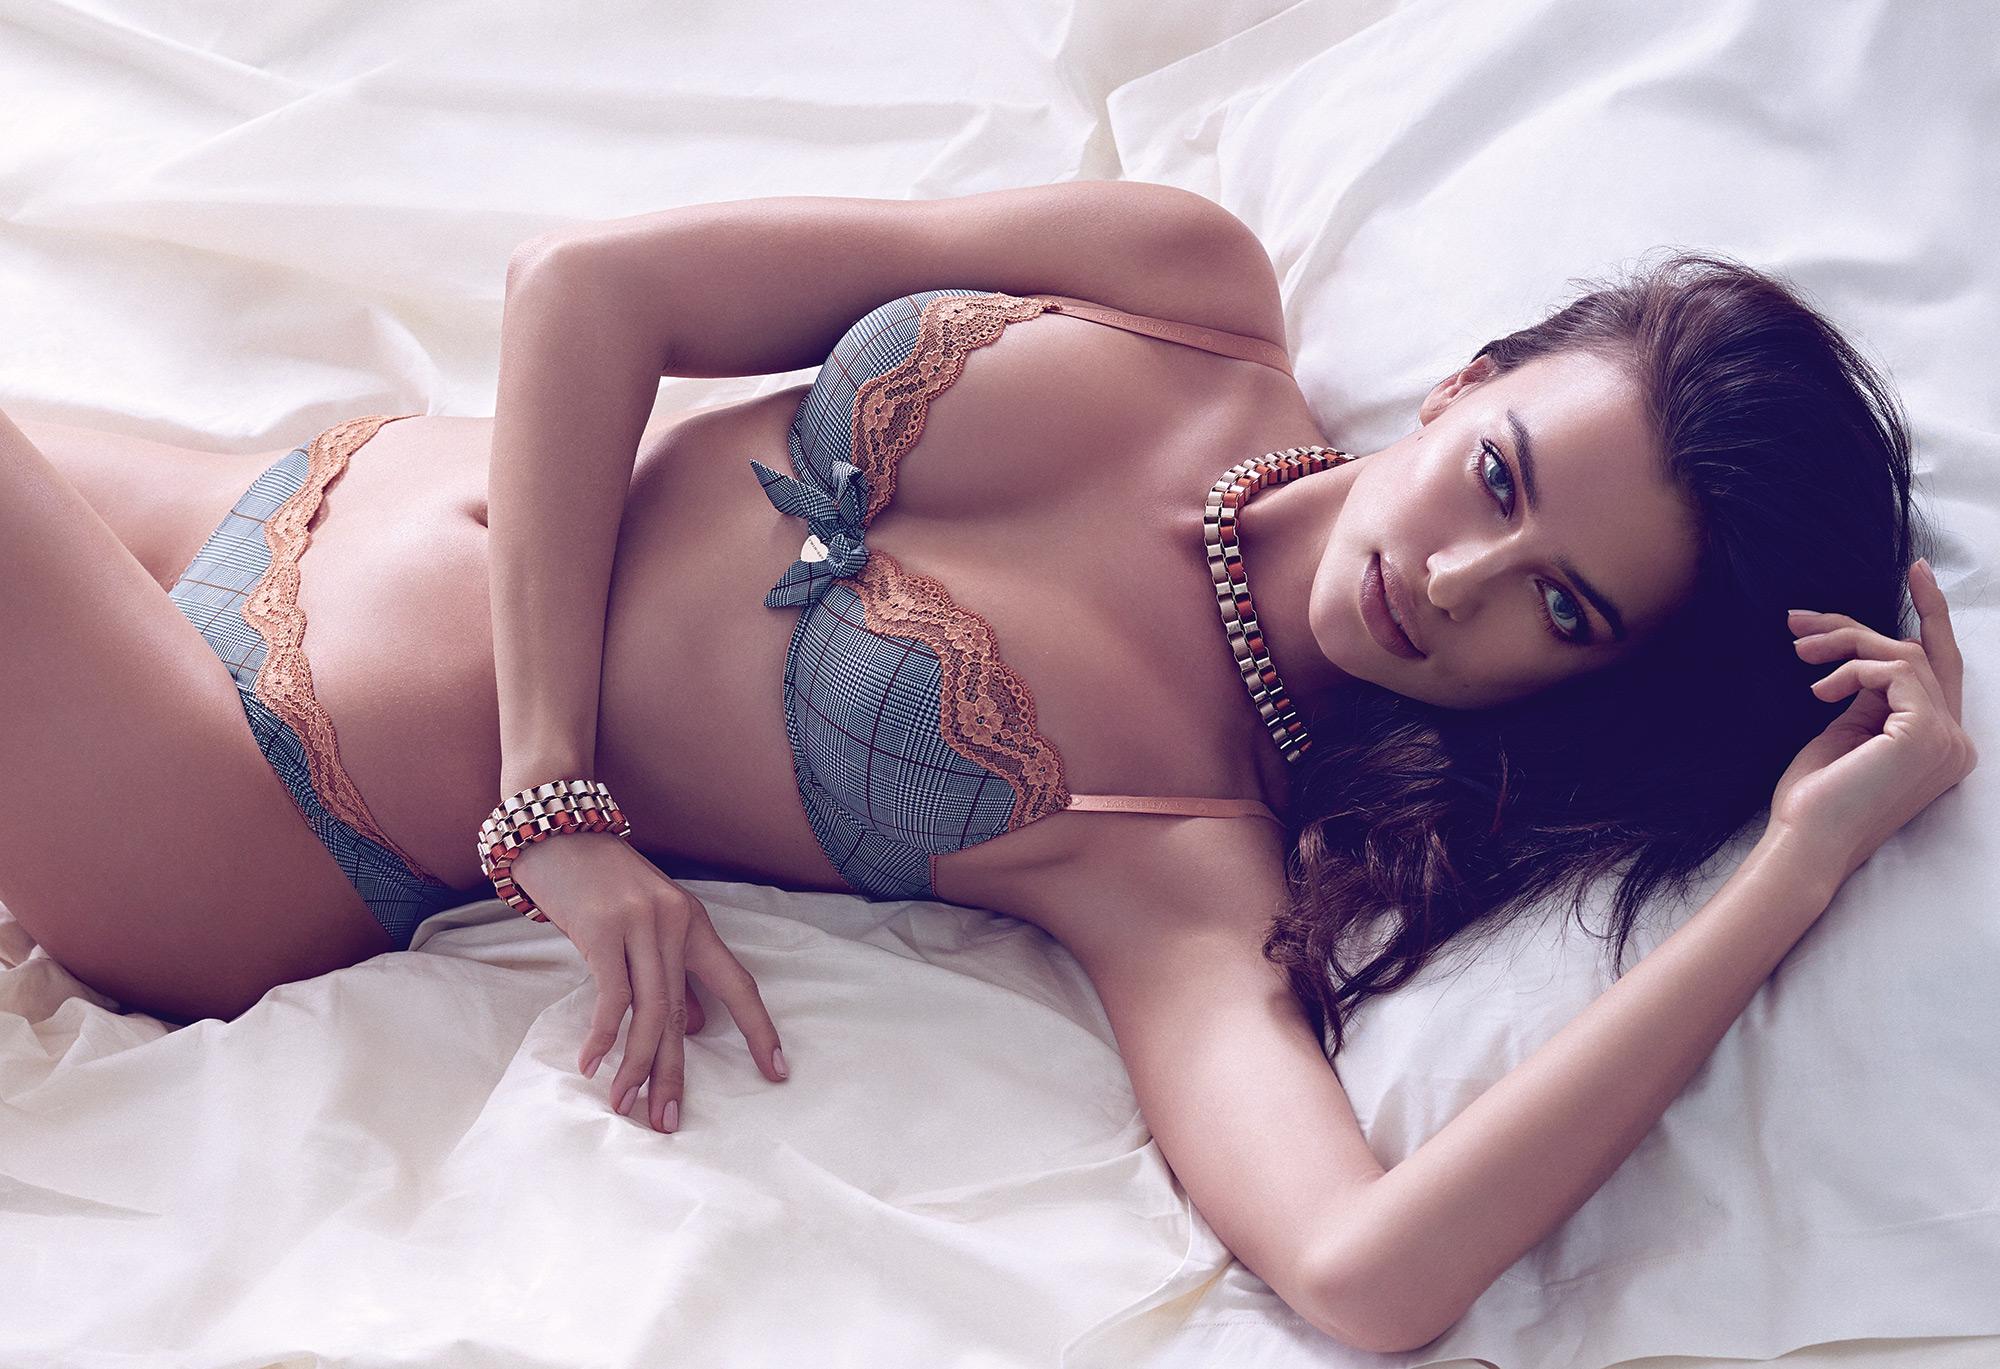 irina-sheyk-v-seksualnom